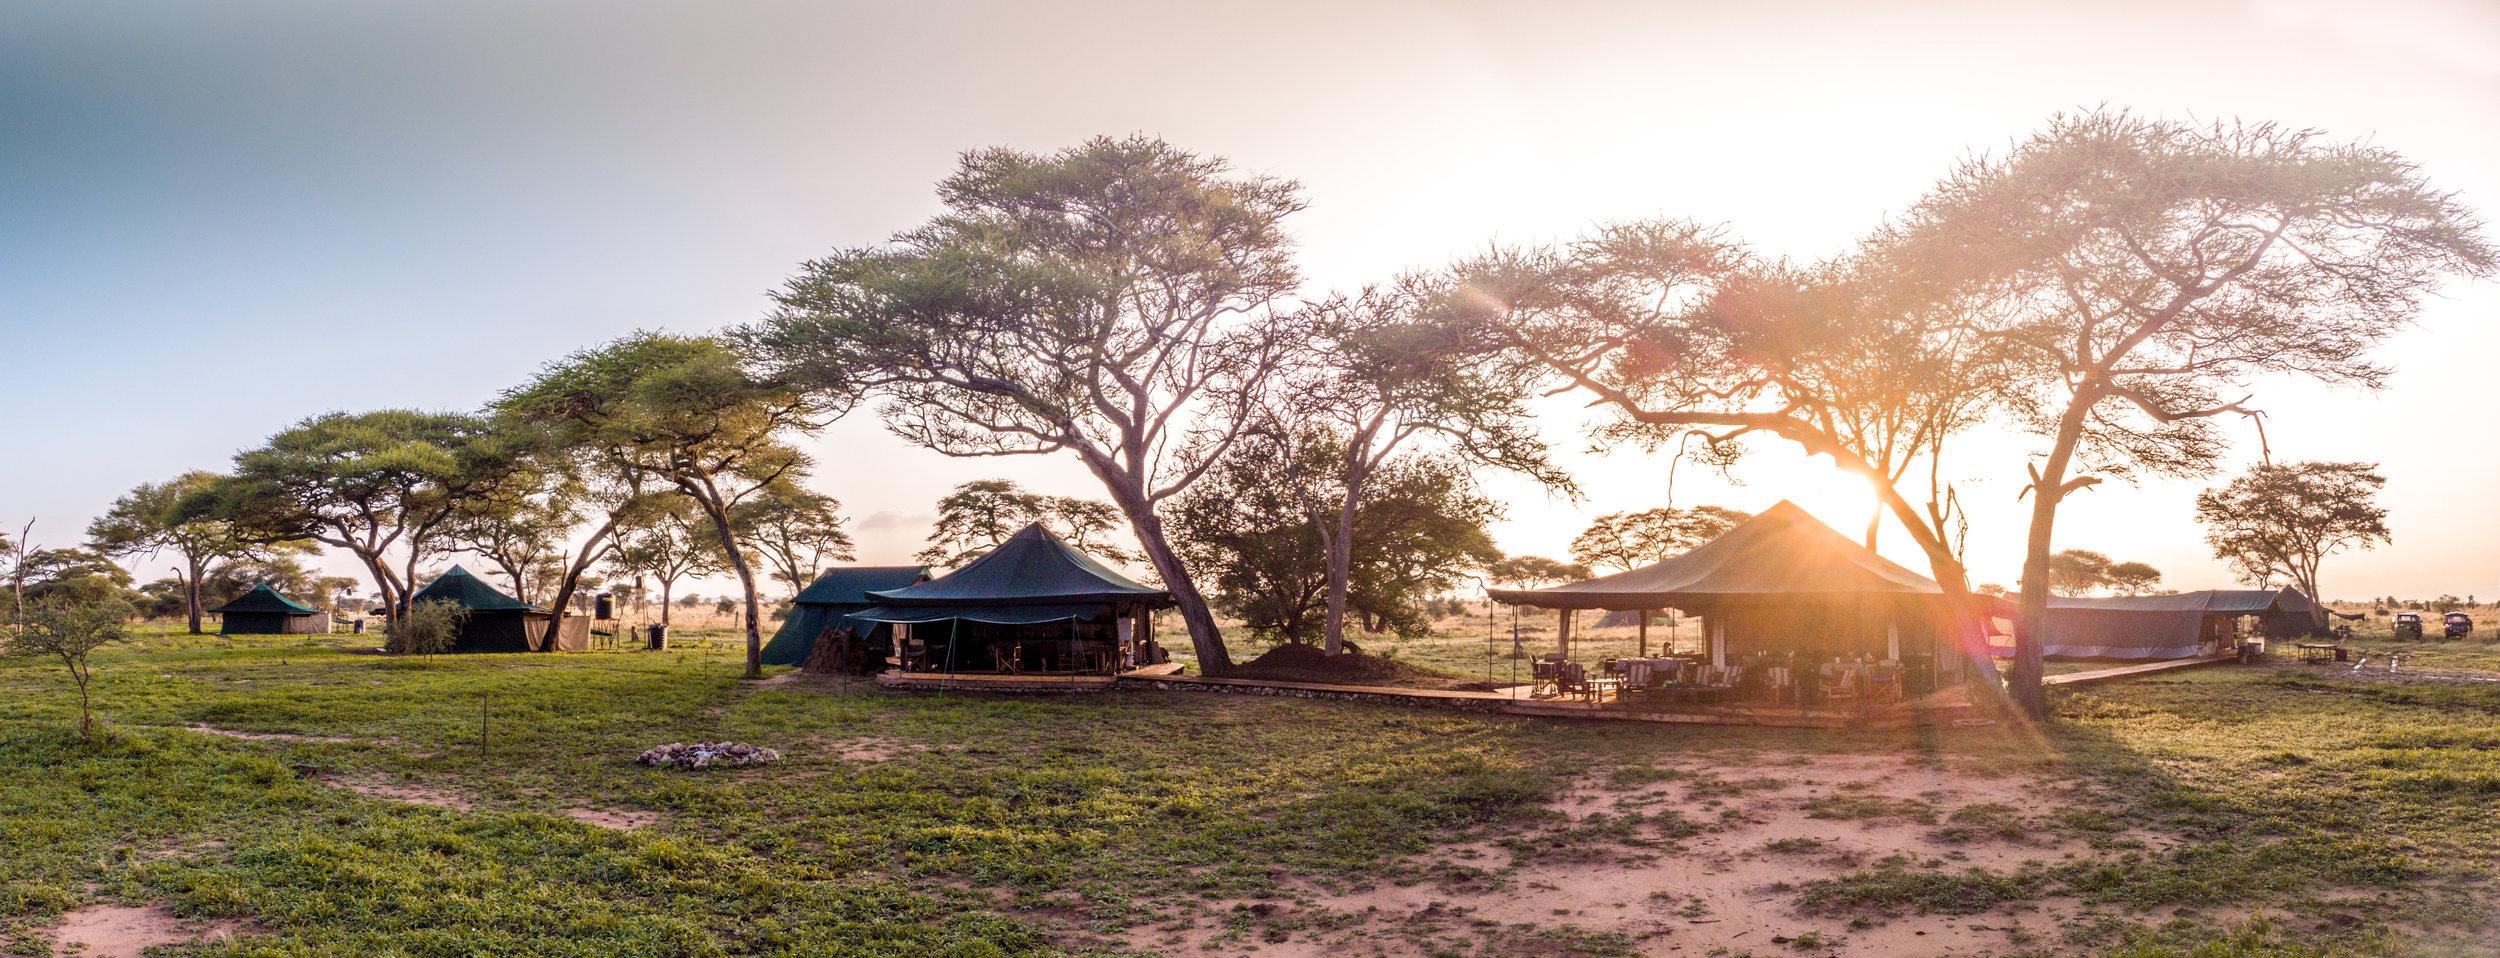 SababuSafaris_Camp.jpg